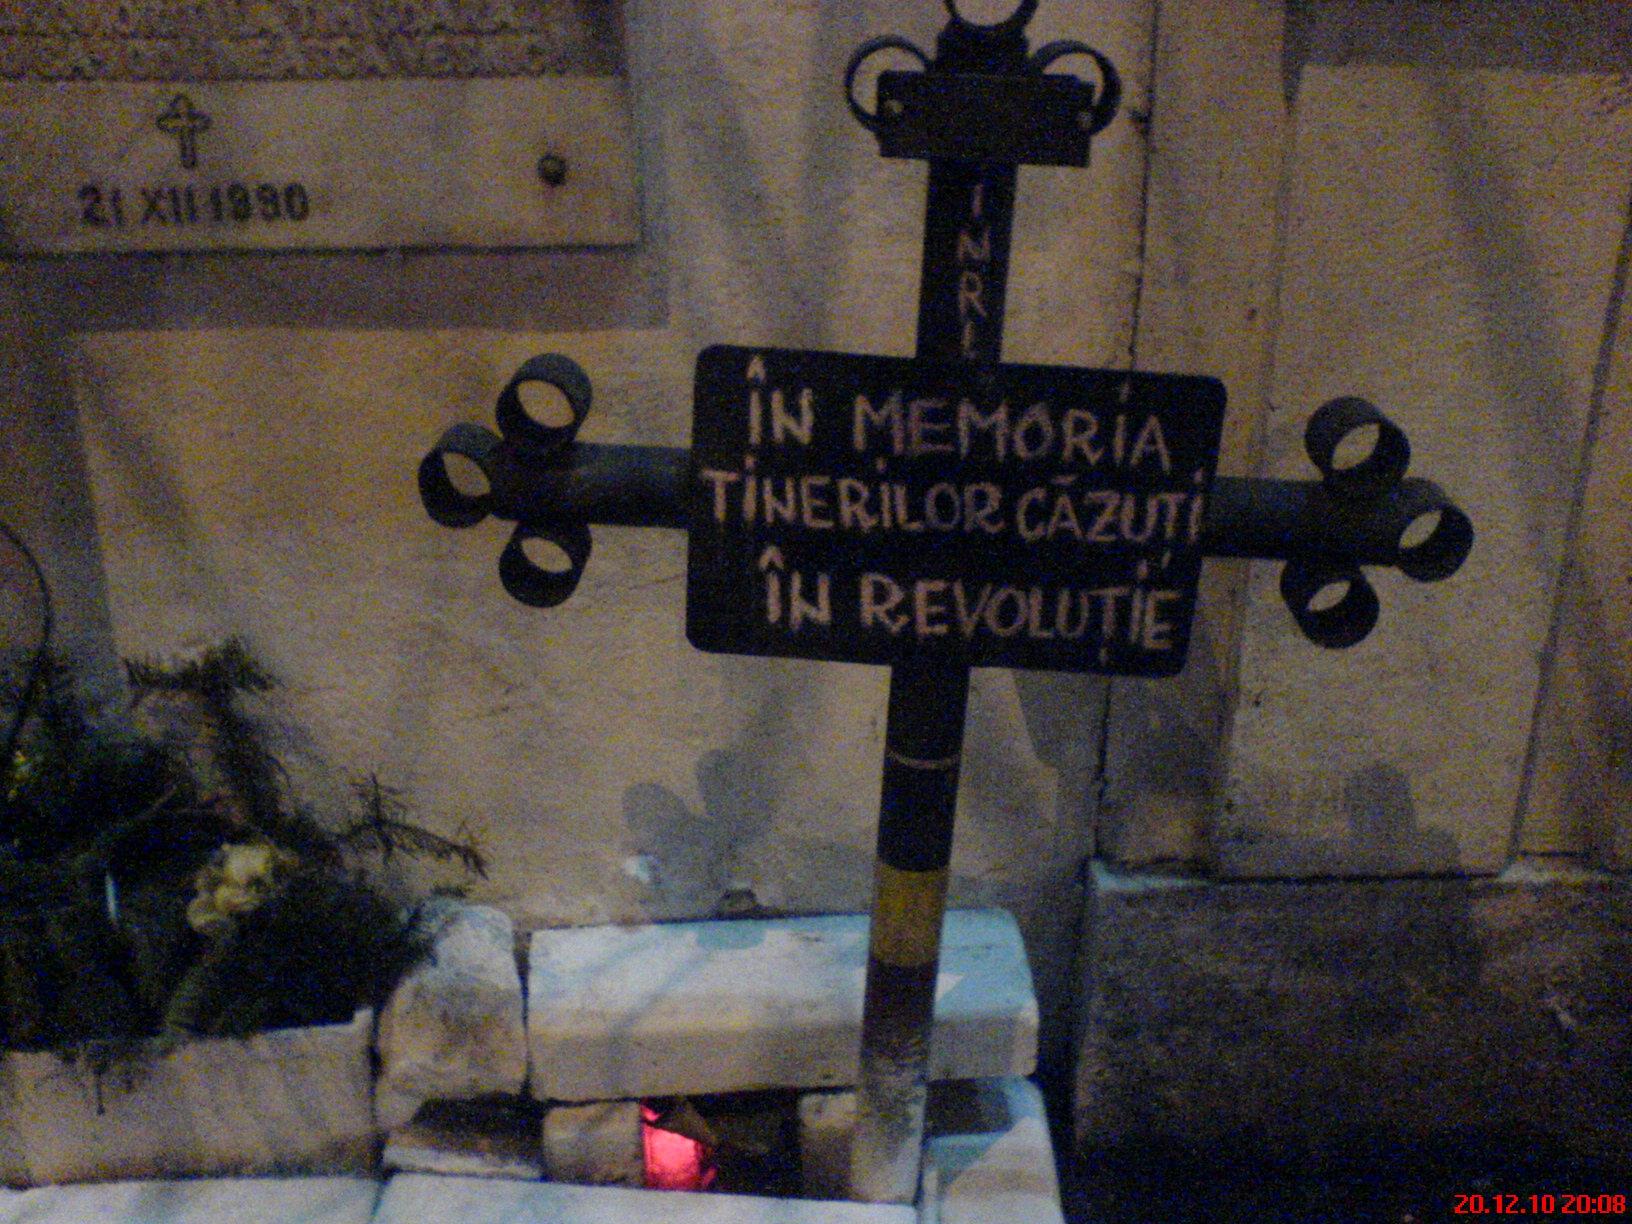 Crucea in memoria tinerilor cazuti